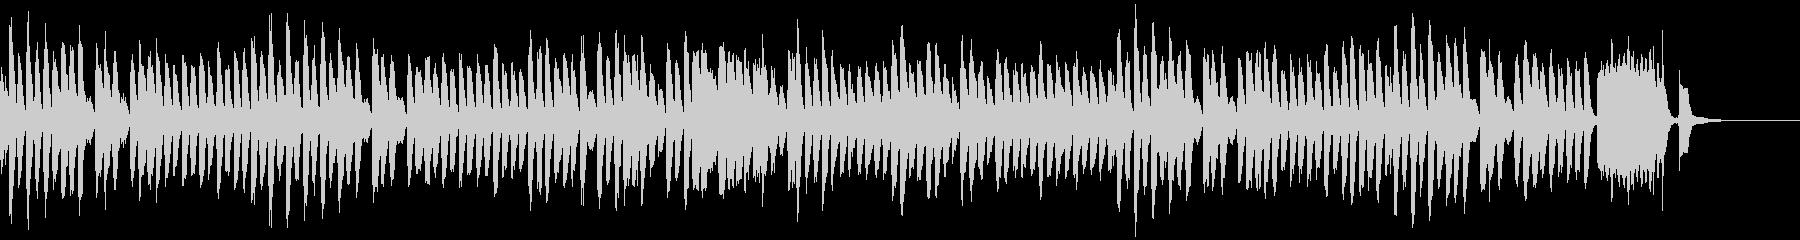 コミカルでかわいらしいピアノソロの未再生の波形